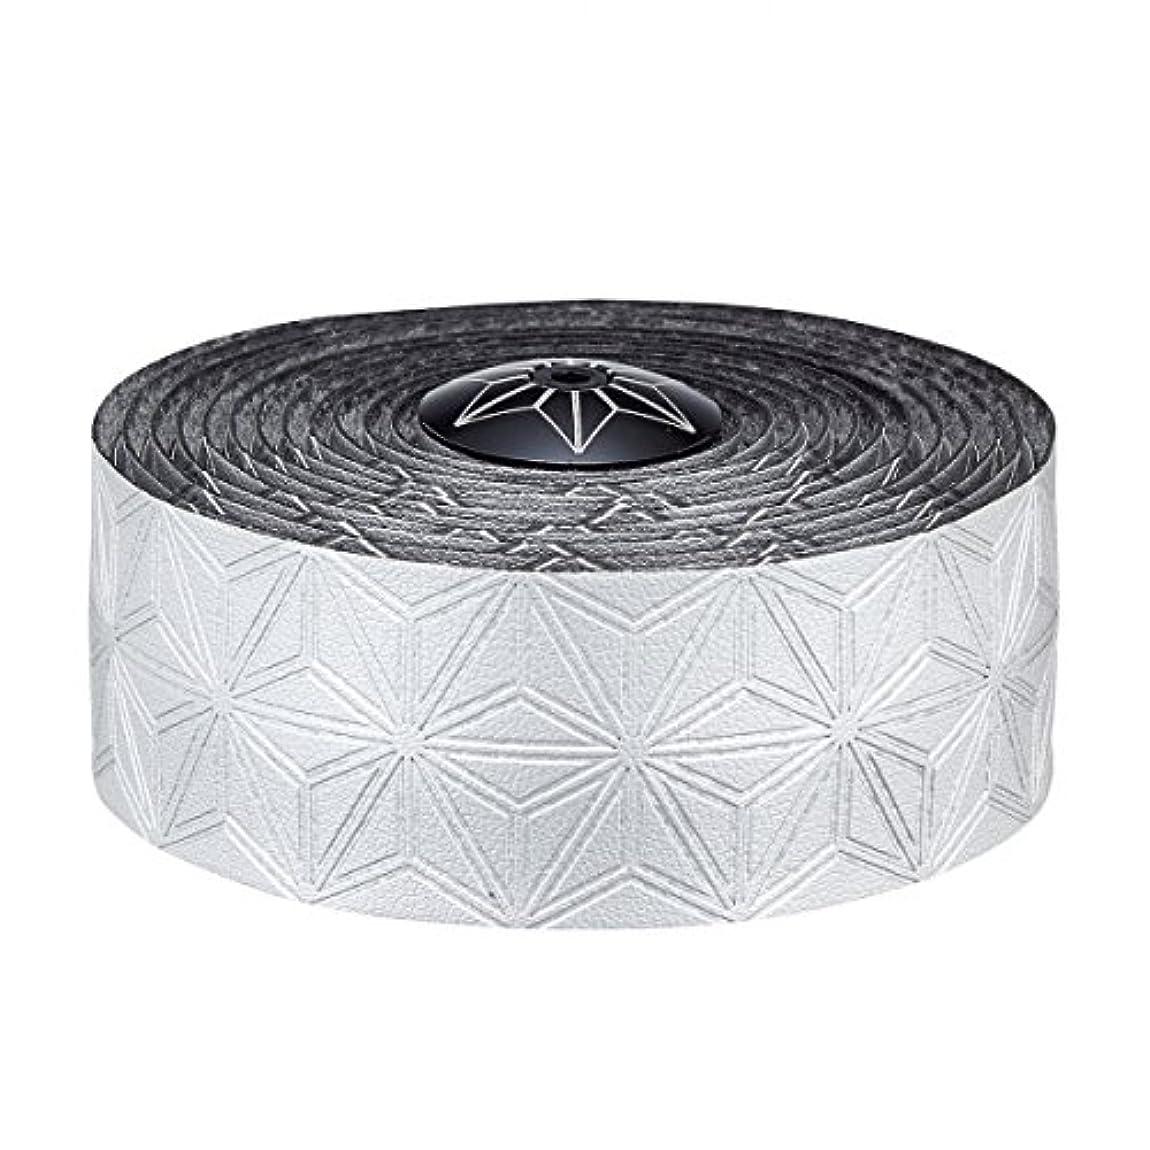 チューリップ期待美的スパカズ ブリングテープ シルバー バーテープ